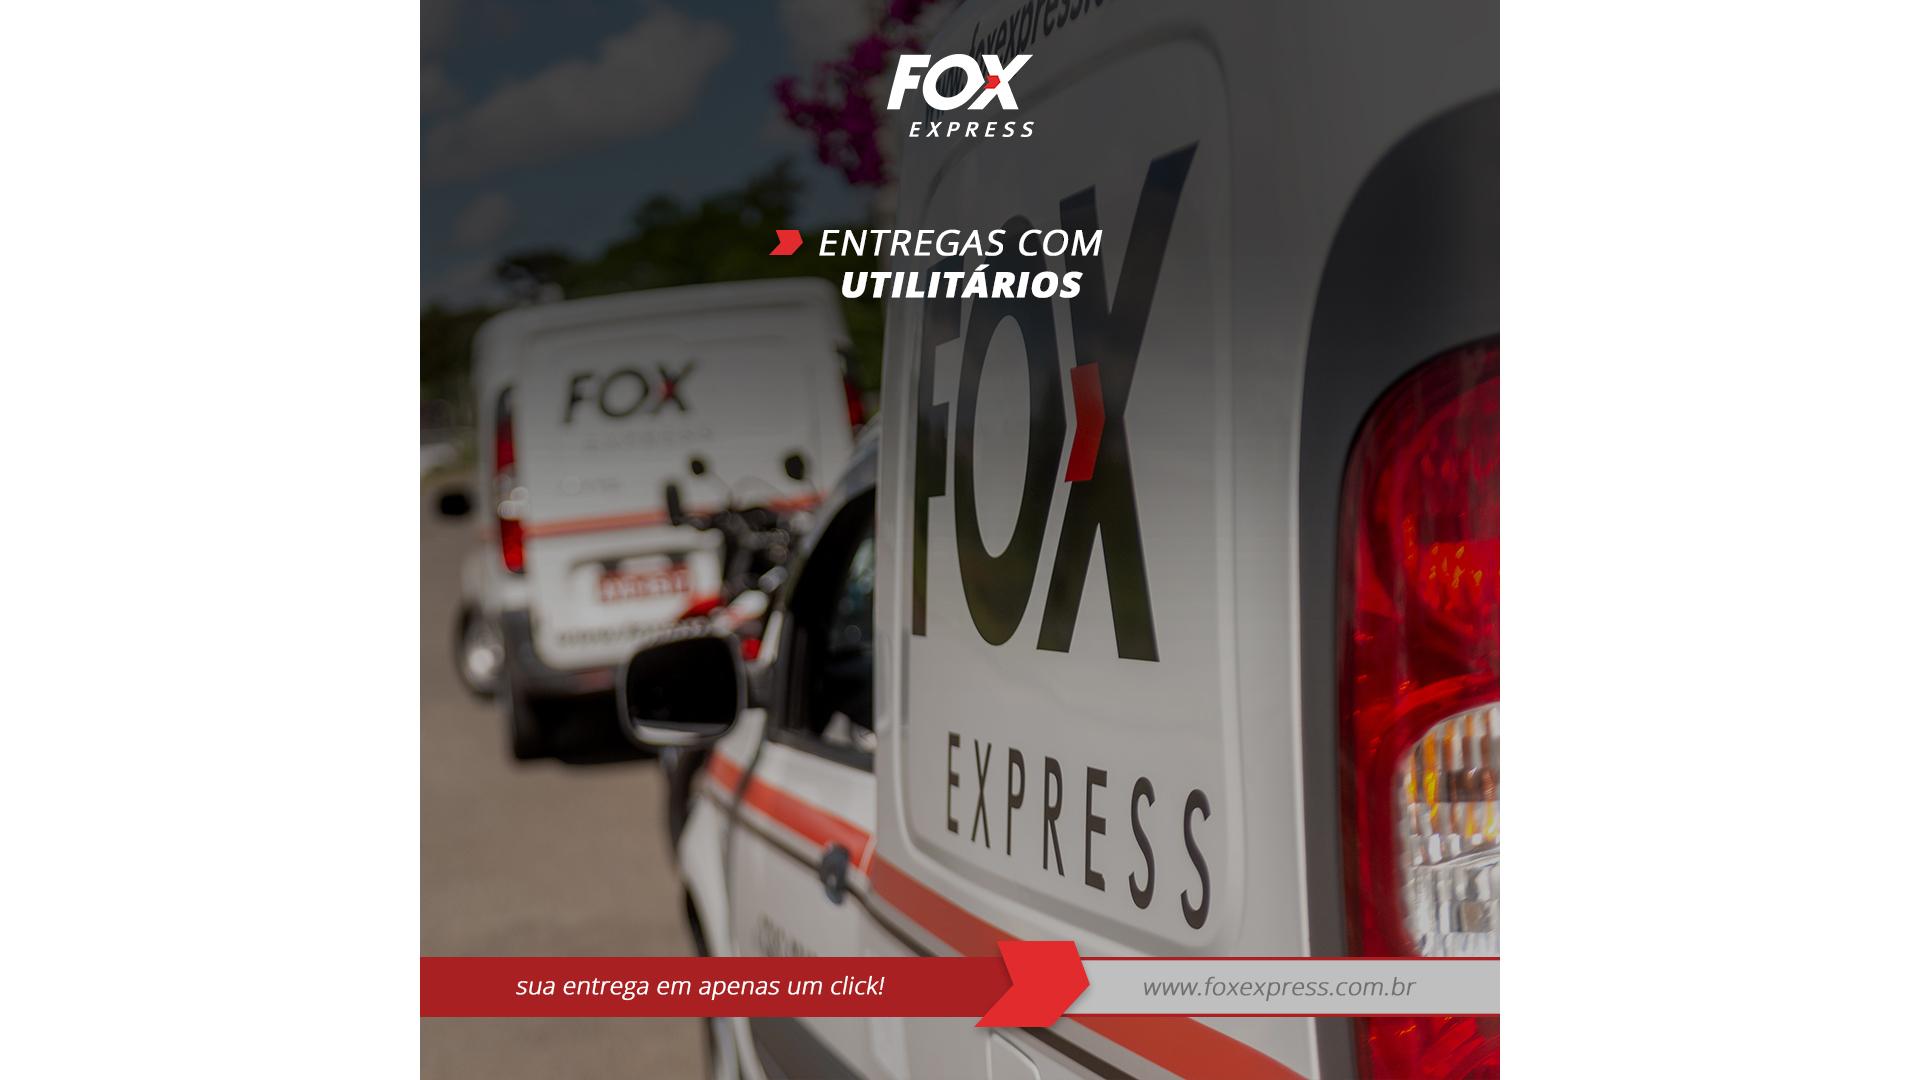 Os utilitários são usados para transportar cargas maiores, de acordo com a necessidade do cliente.